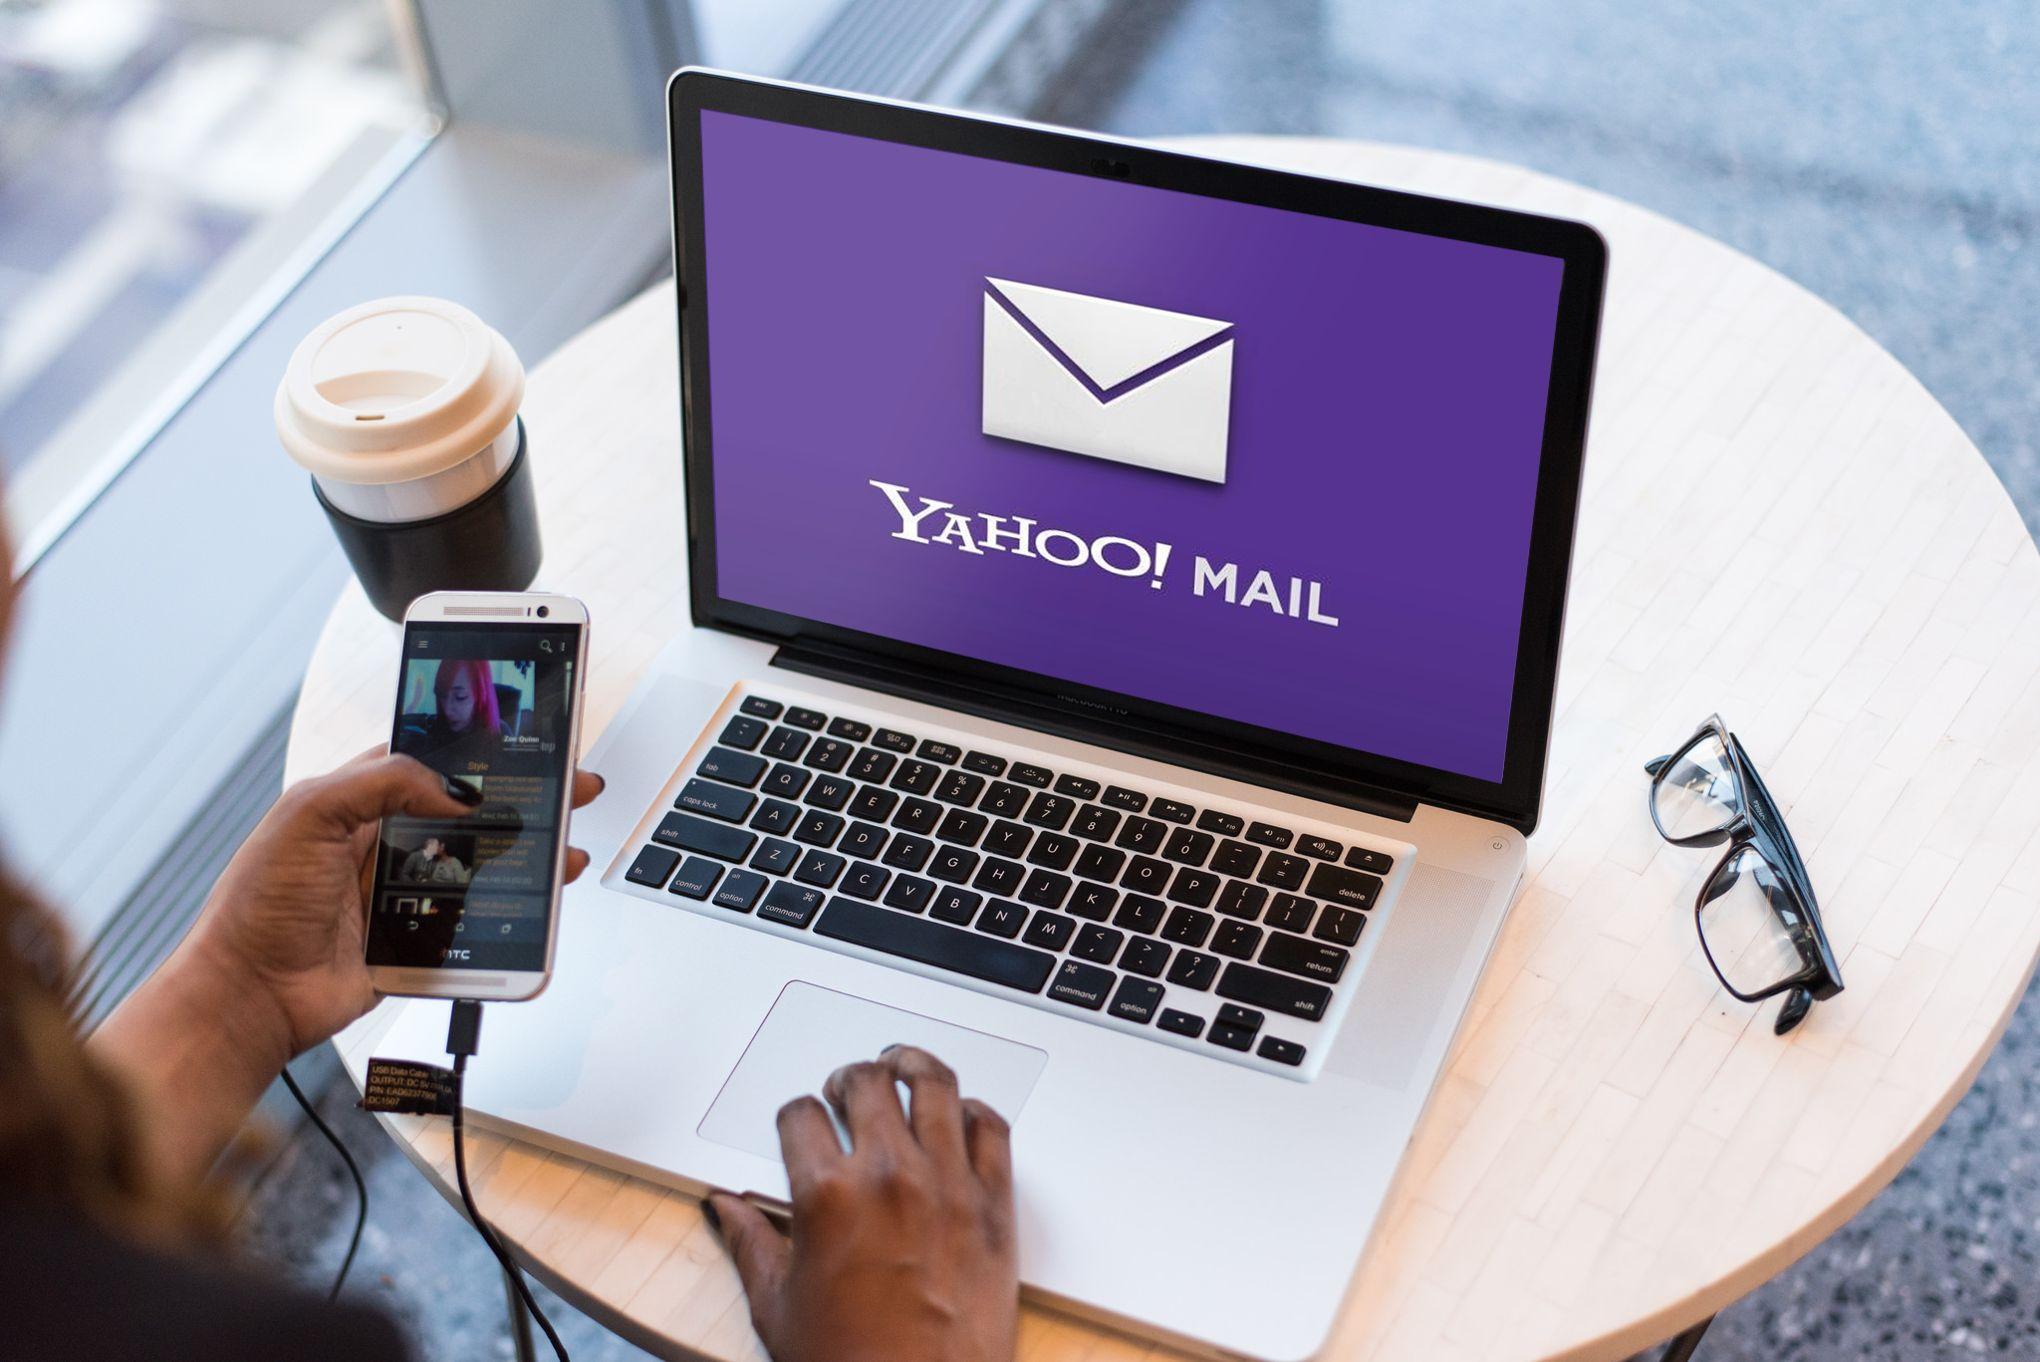 Différence entre voir quelqu'un et sortir avec Yahoo